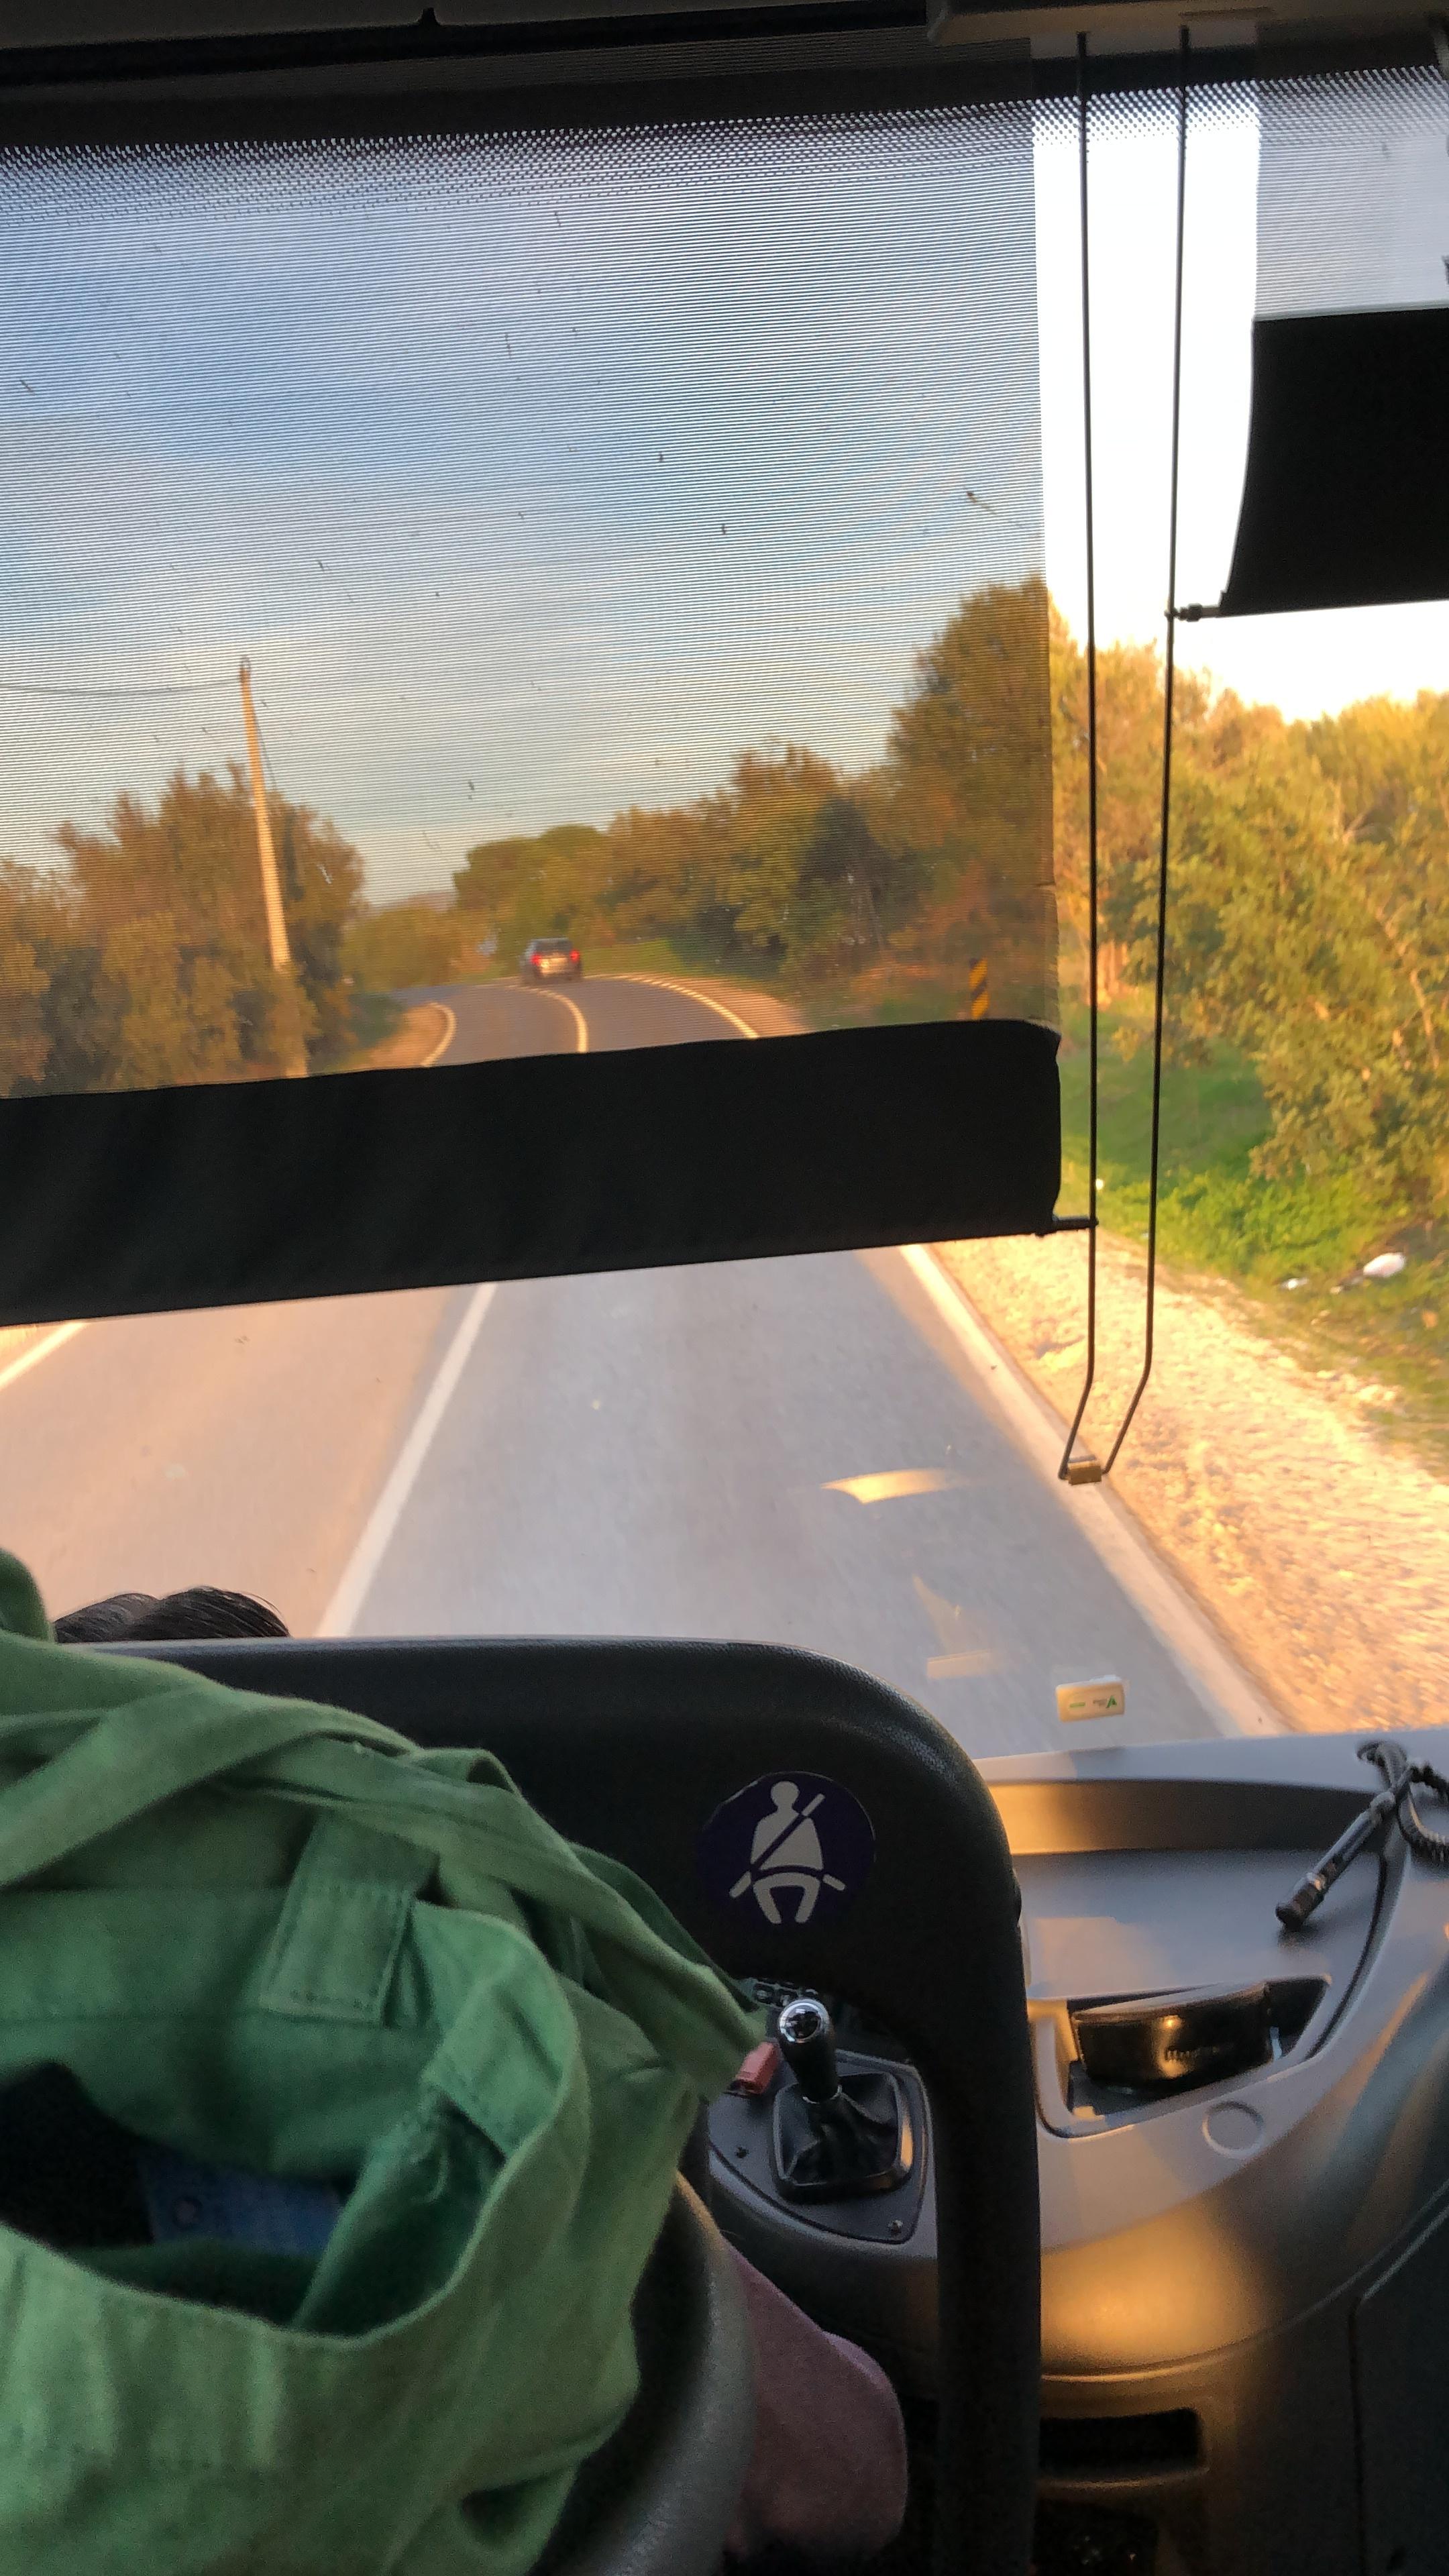 バスは1番前! 運転手は運転しながら電話してた。日本ではありえない光景。こんな違いが面白い。